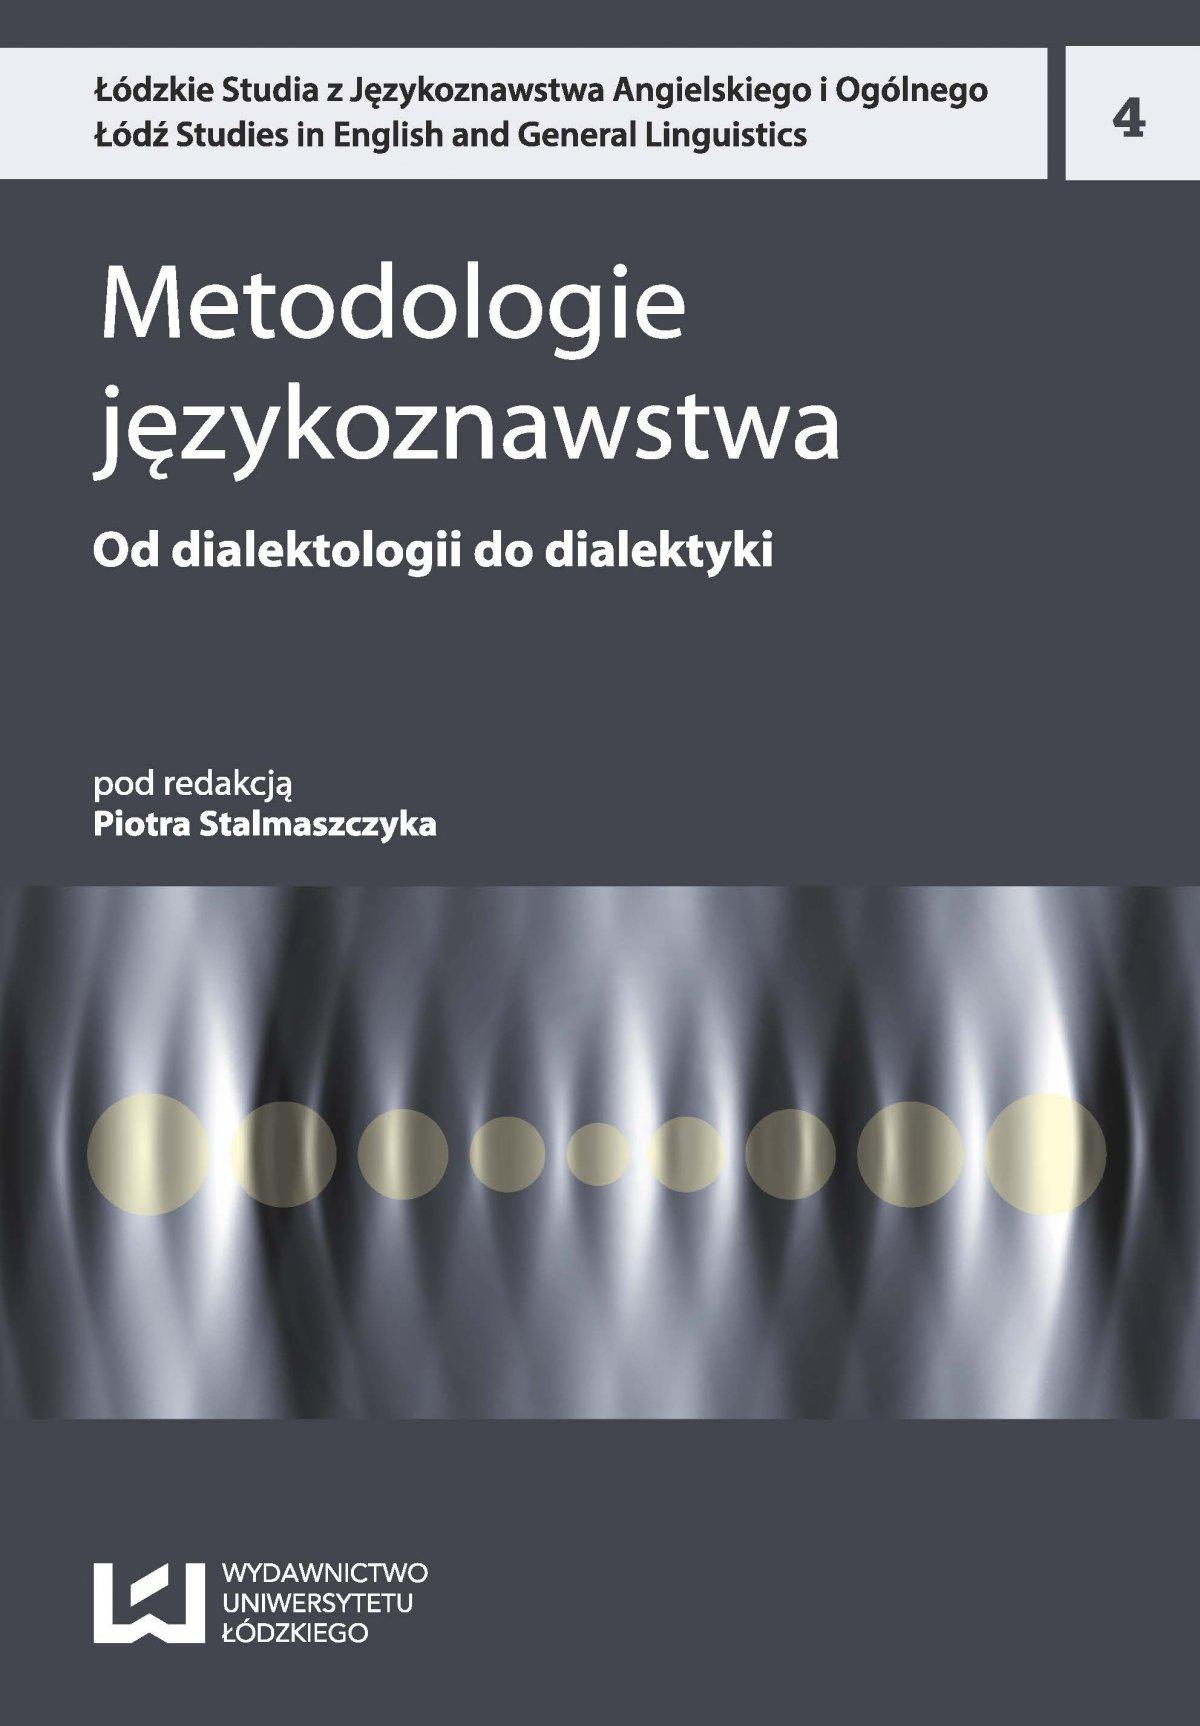 Metodologie językoznawstwa 4. Od dialektologii do dialektyki - Ebook (Książka PDF) do pobrania w formacie PDF